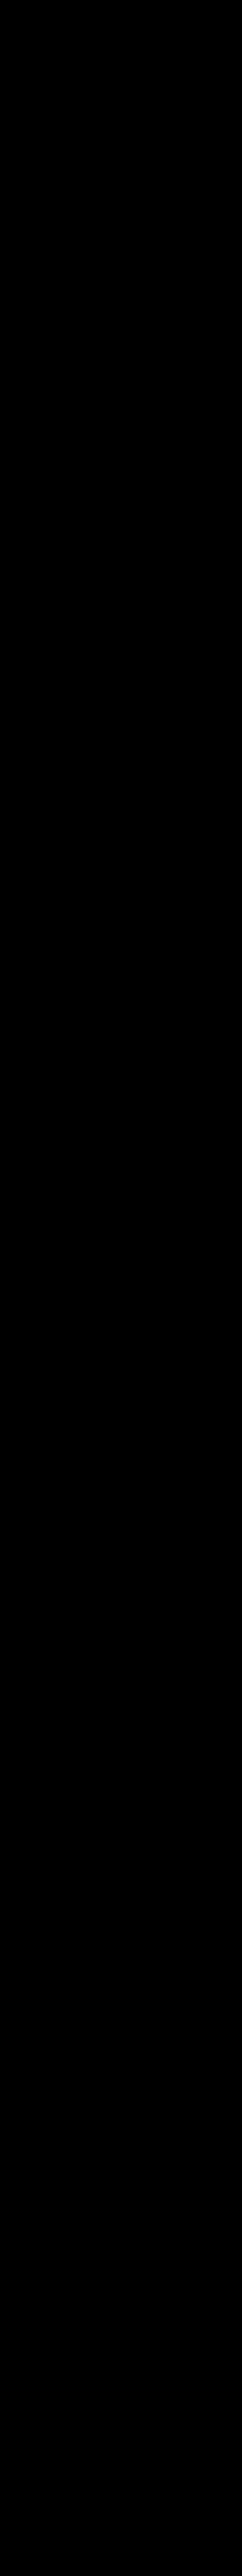 JSPY - Redesign on Web Design Served